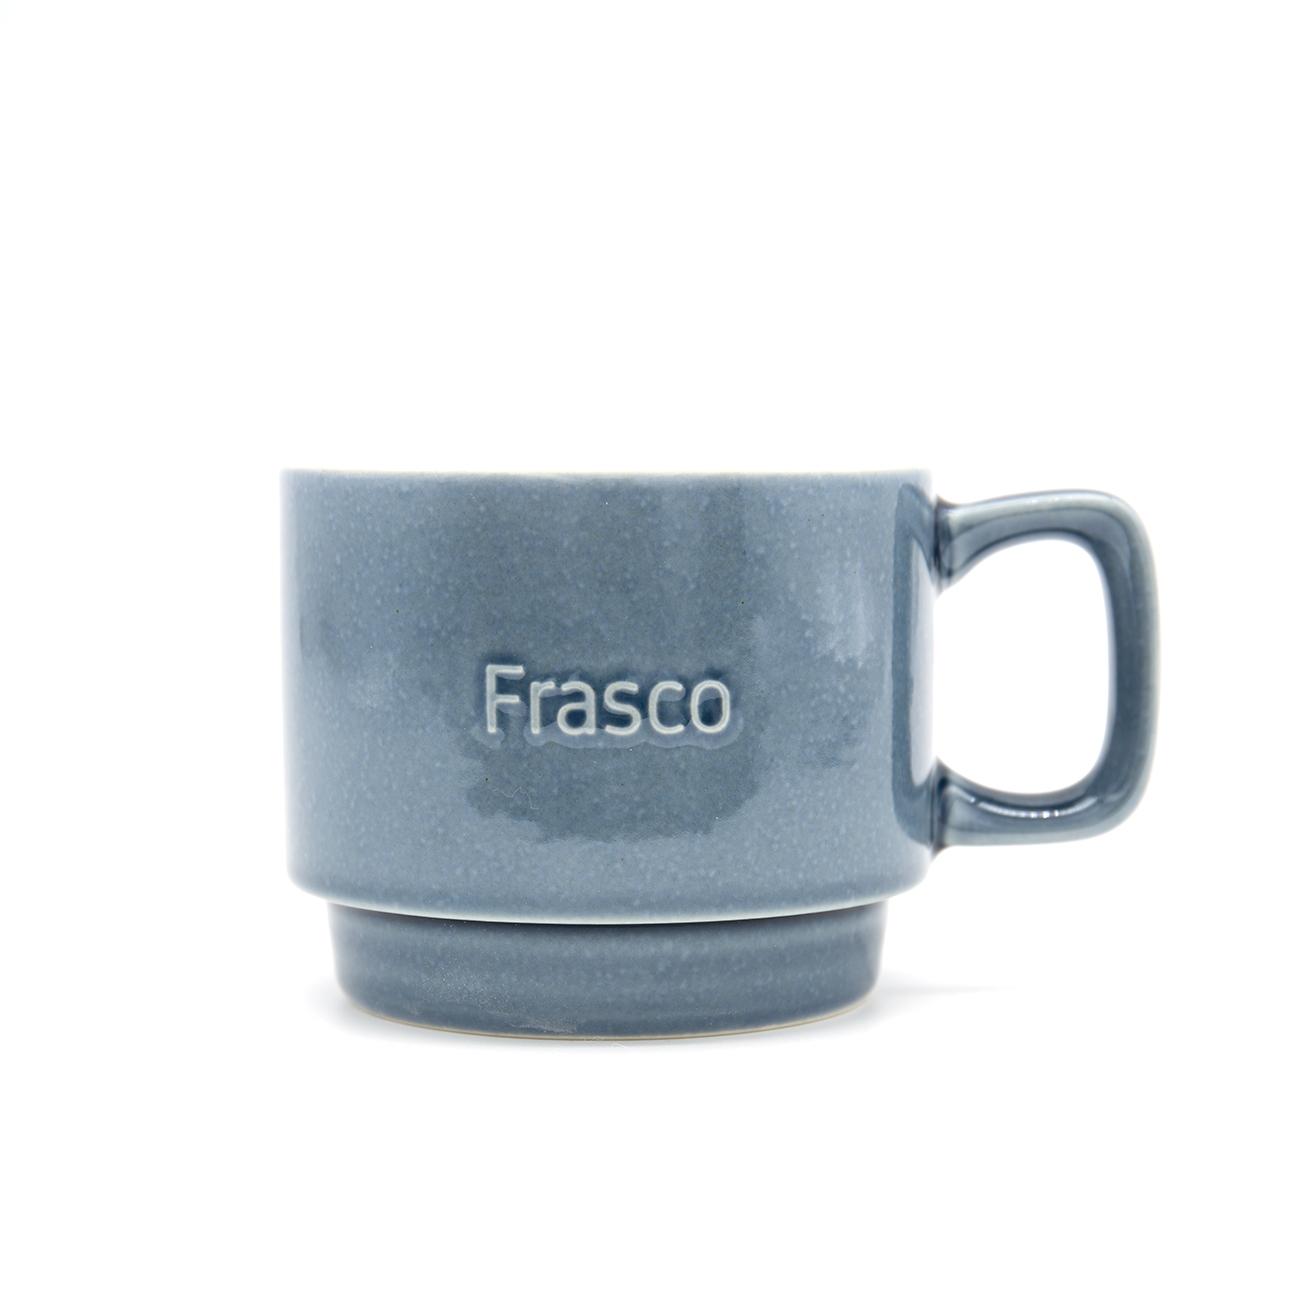 オリジナルマグカップ | ブルー | Frasco